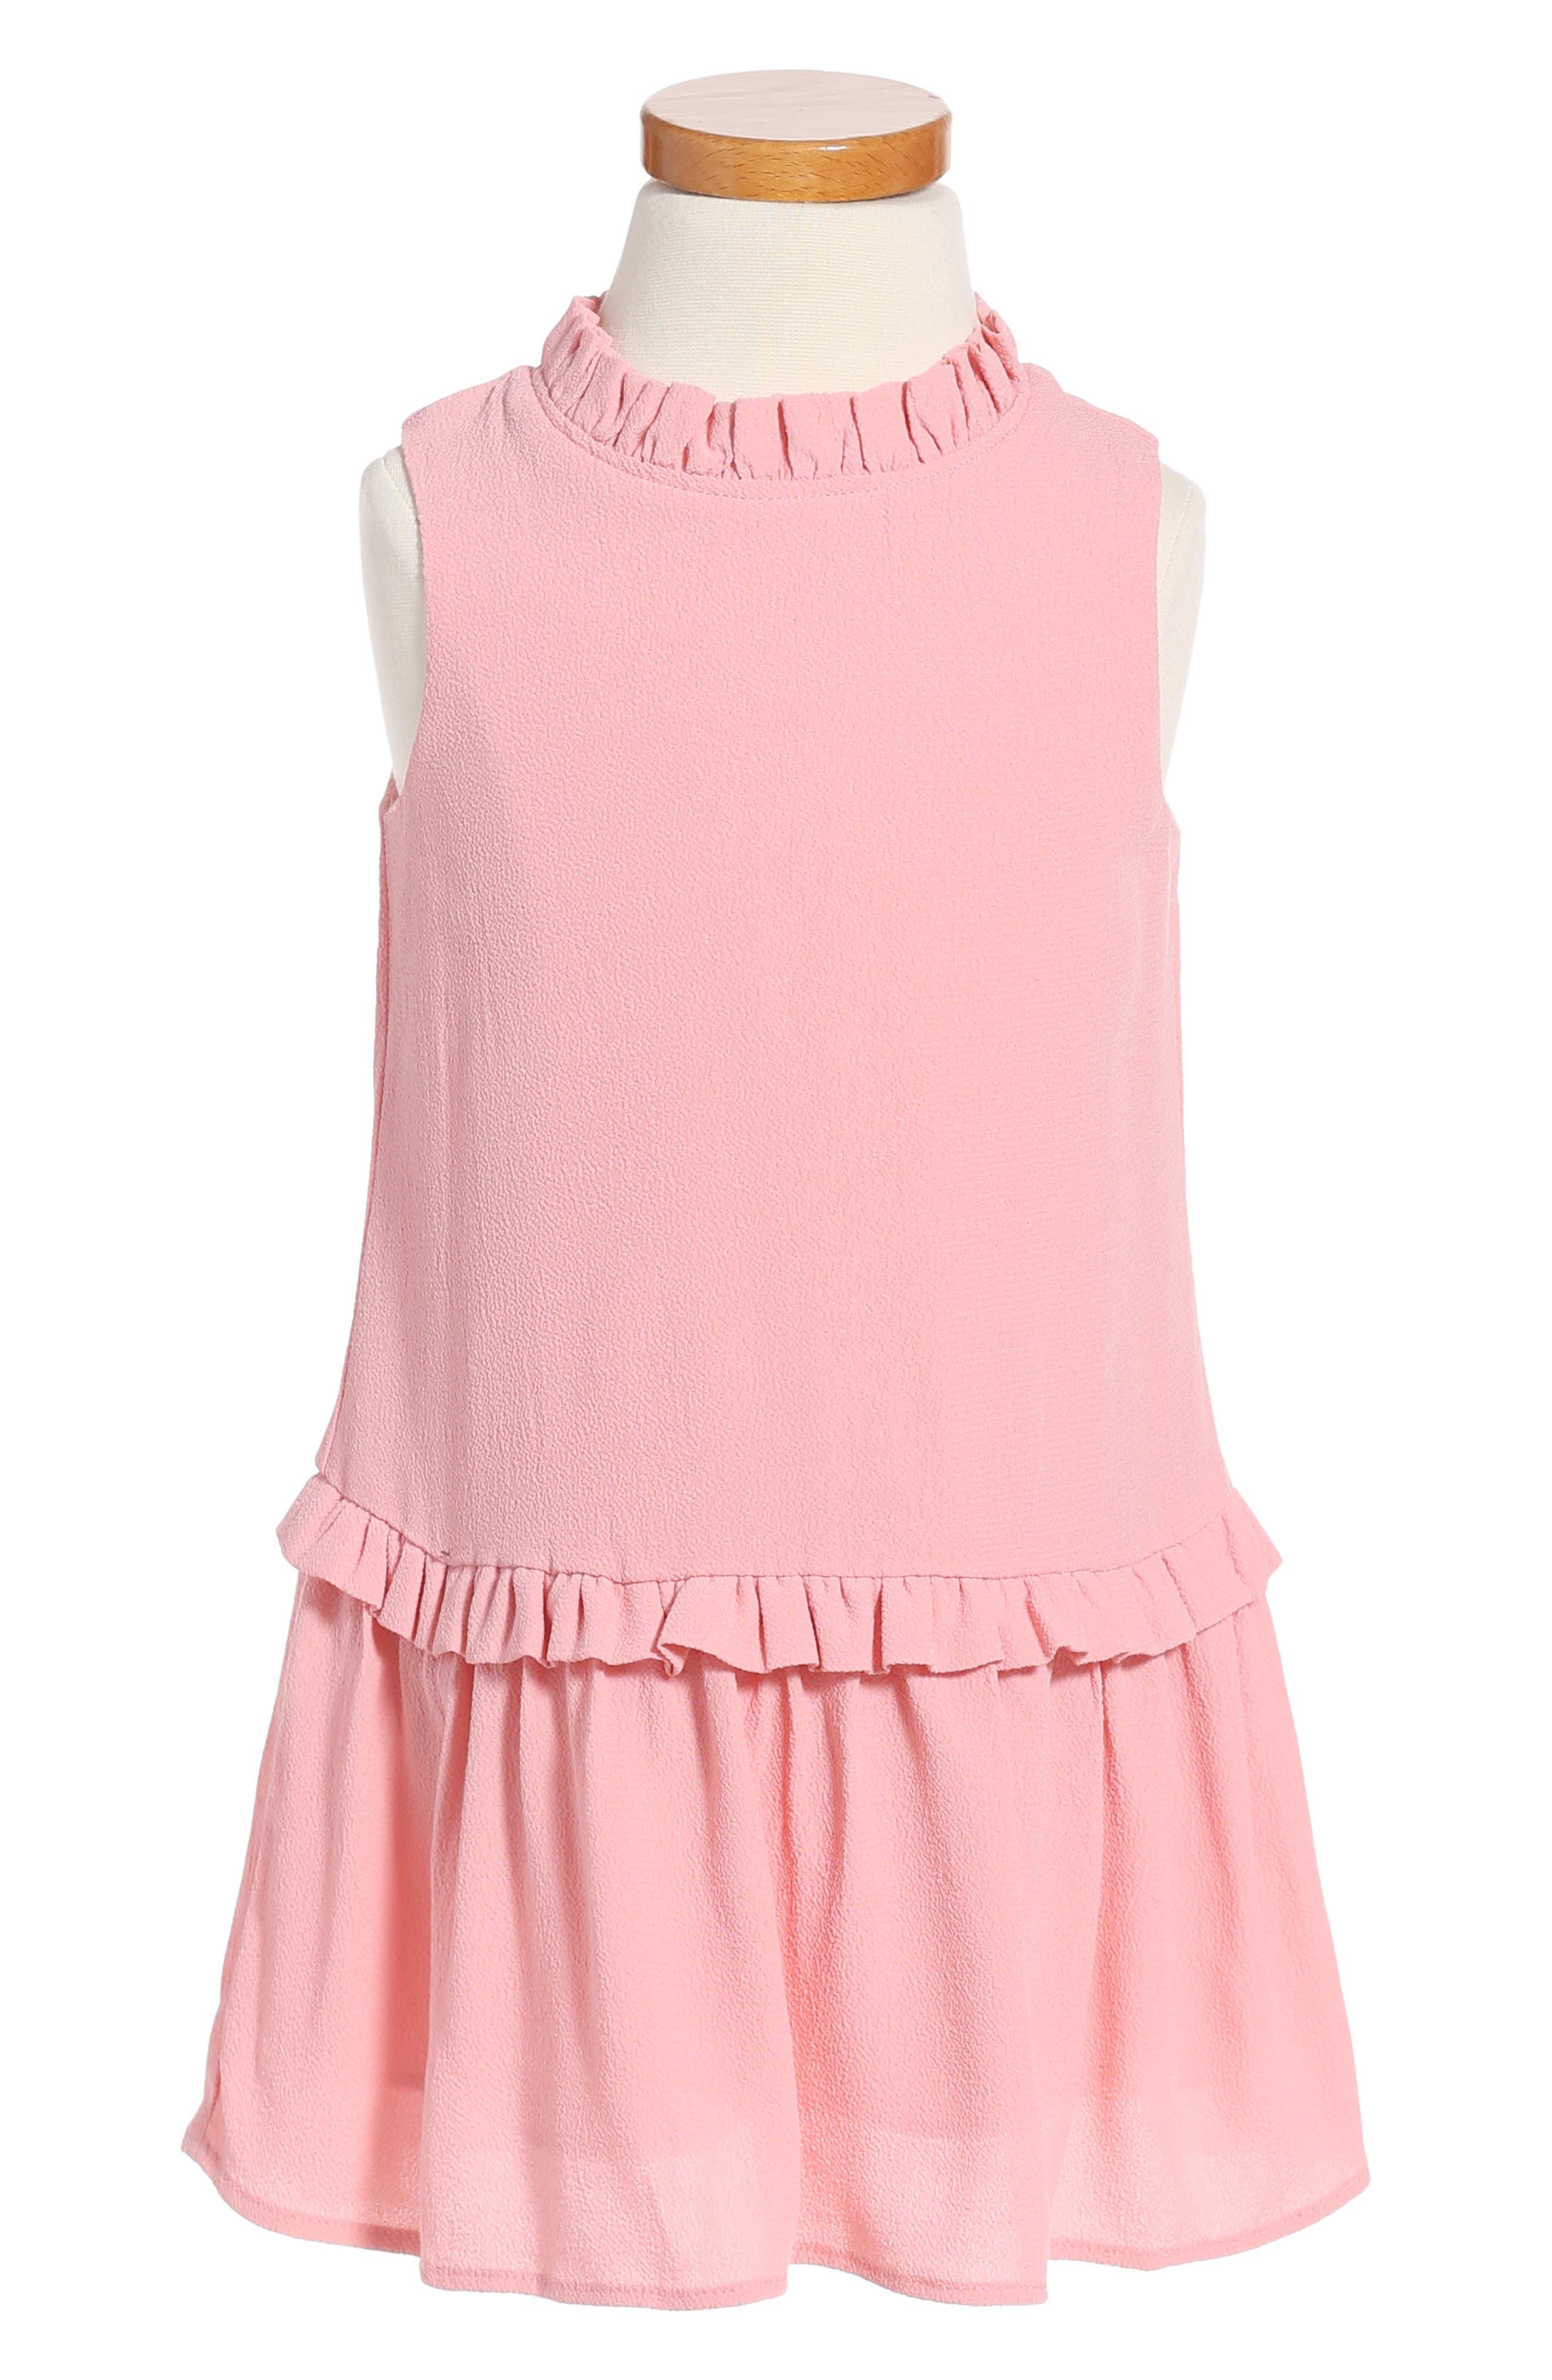 kate spade new york ruffle collar dress (Toddler Girls & Little Girls)